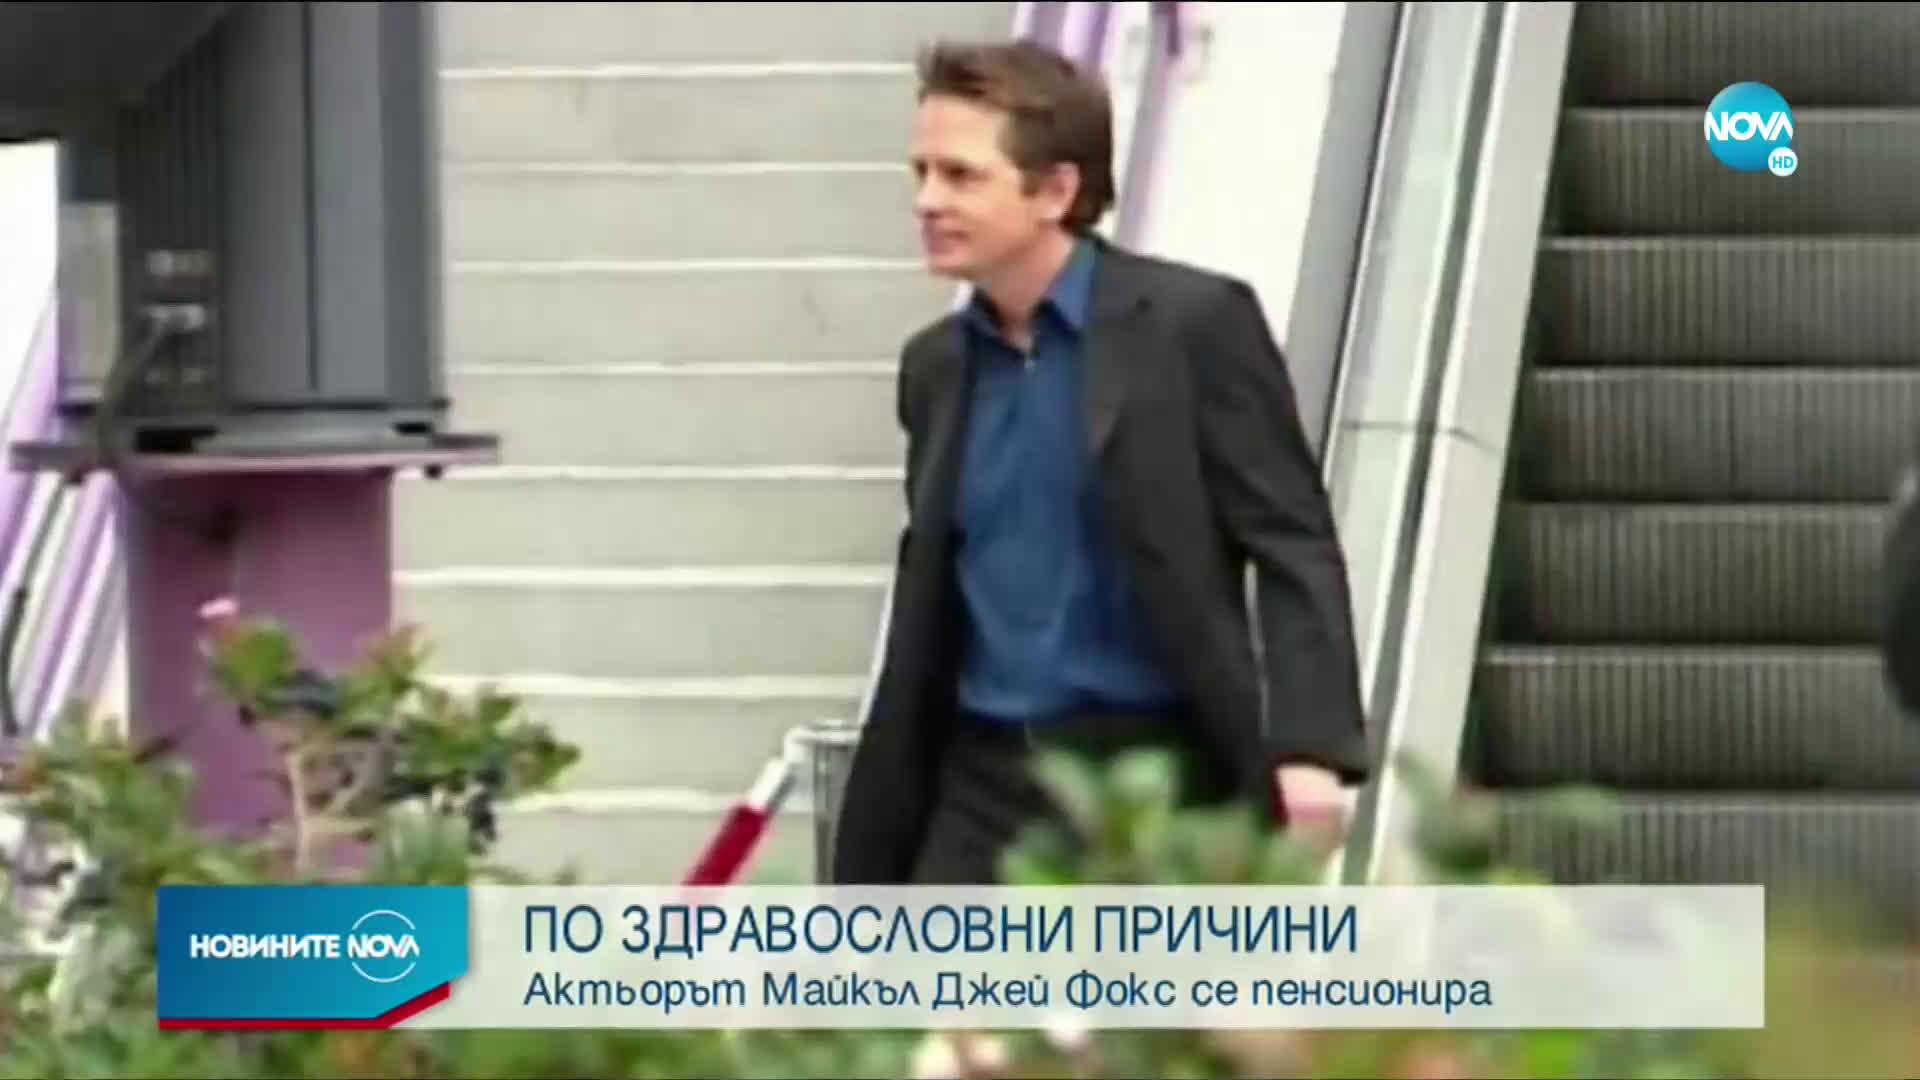 Актьорът Майкъл Джей Фокс се пенсионира